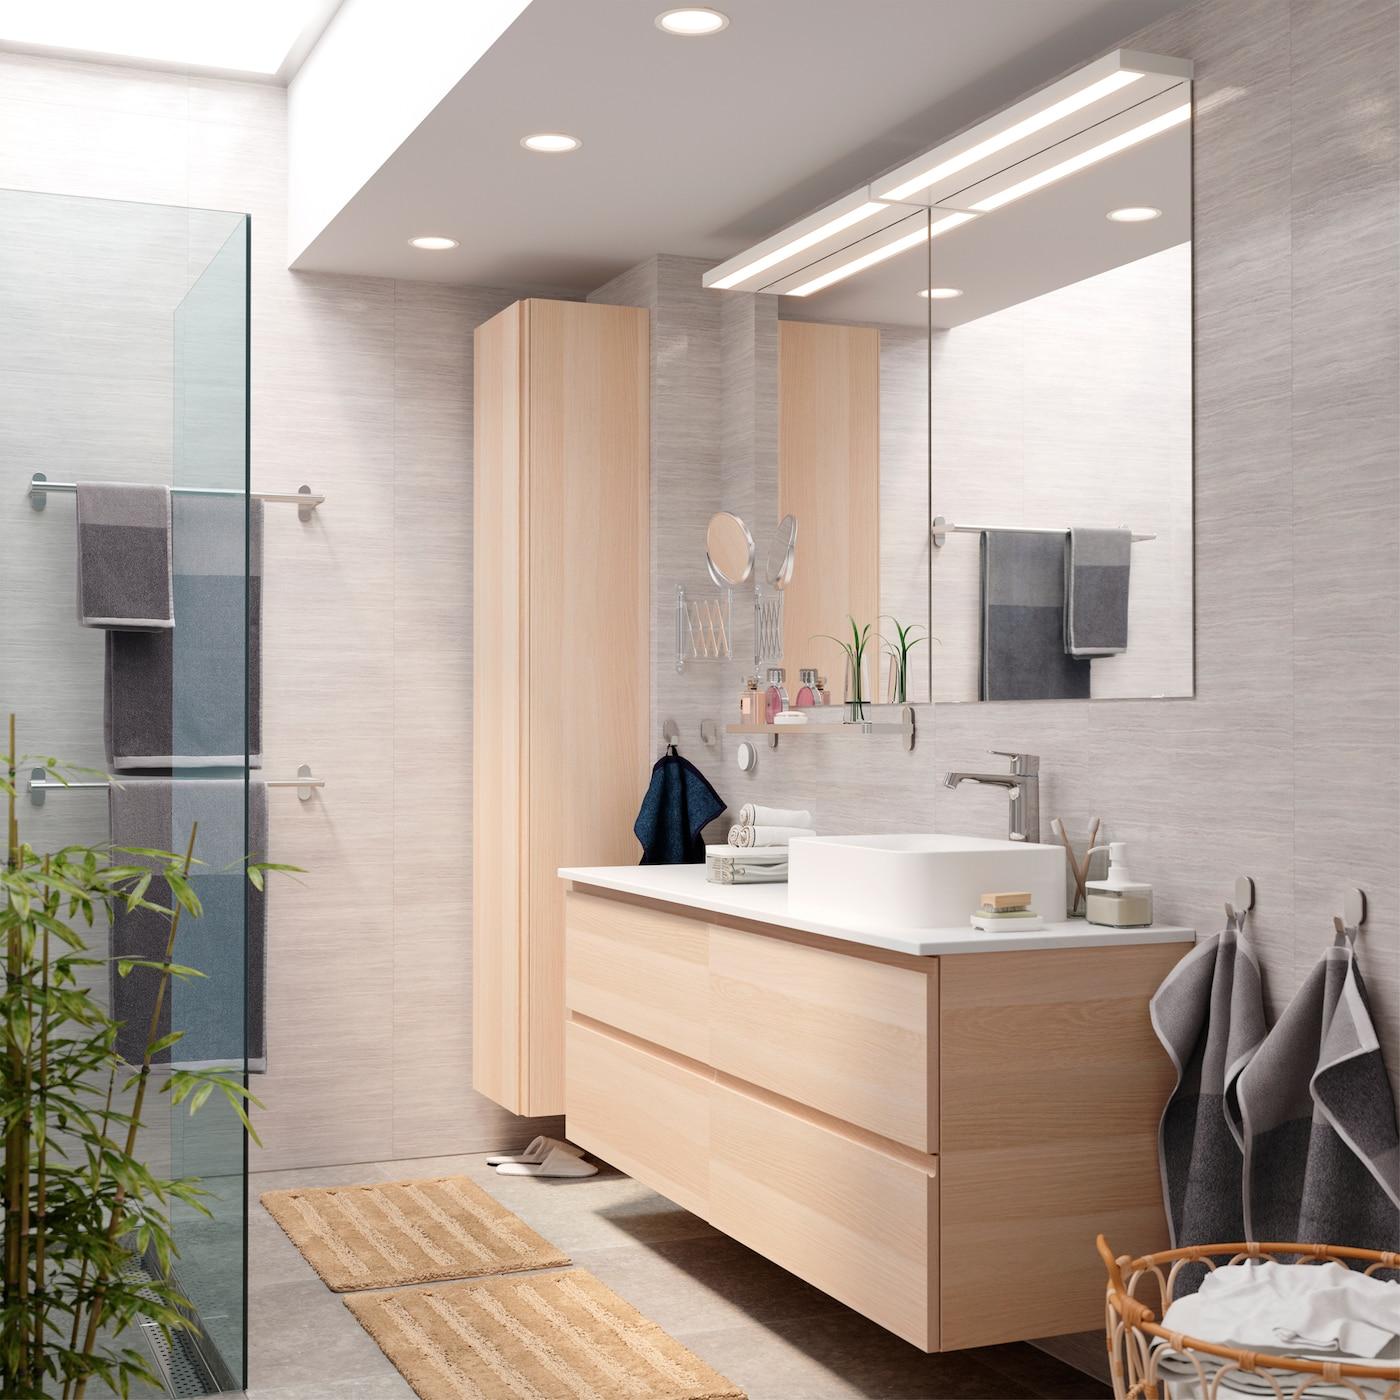 GODMORGON/グモロン 洗面台2台、GODMORGON/グモロン ハイキャビネット ホワイトステインオーク調を設置した、すっきりとしたバスルーム。